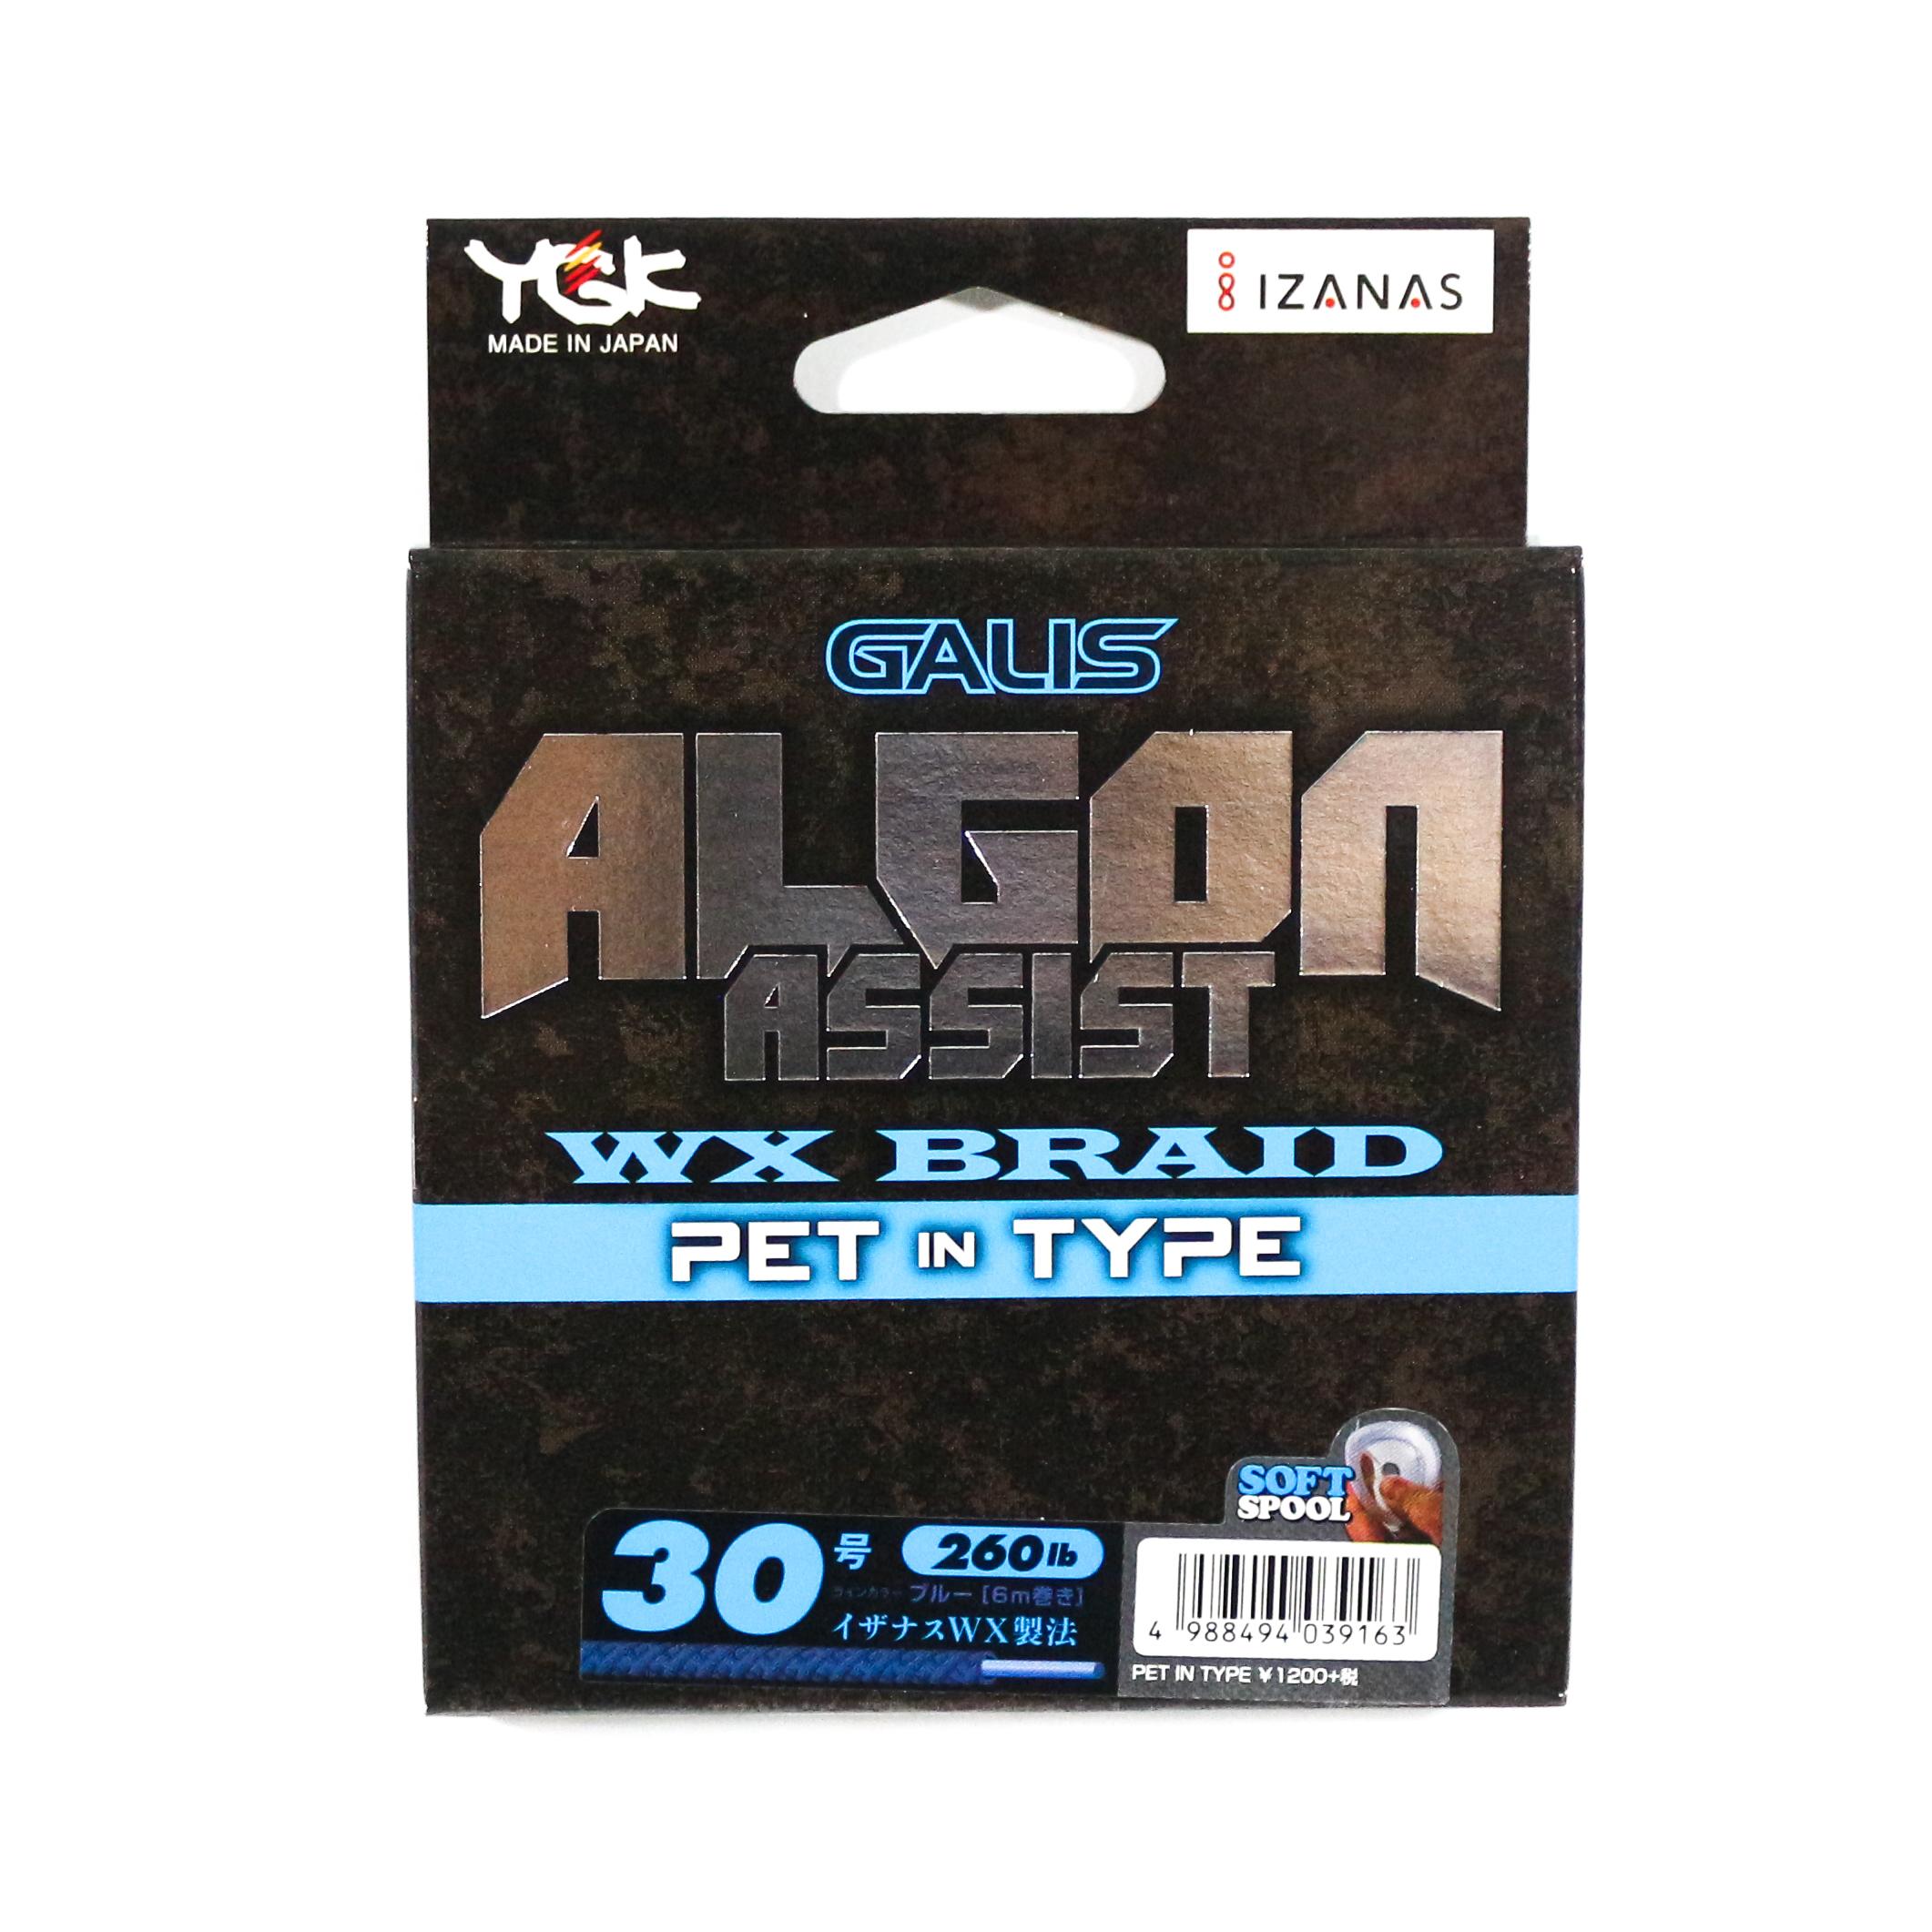 YGK Algon Assist WX Braid PET in Type 6m Size 30, 260lb Blue (9163)